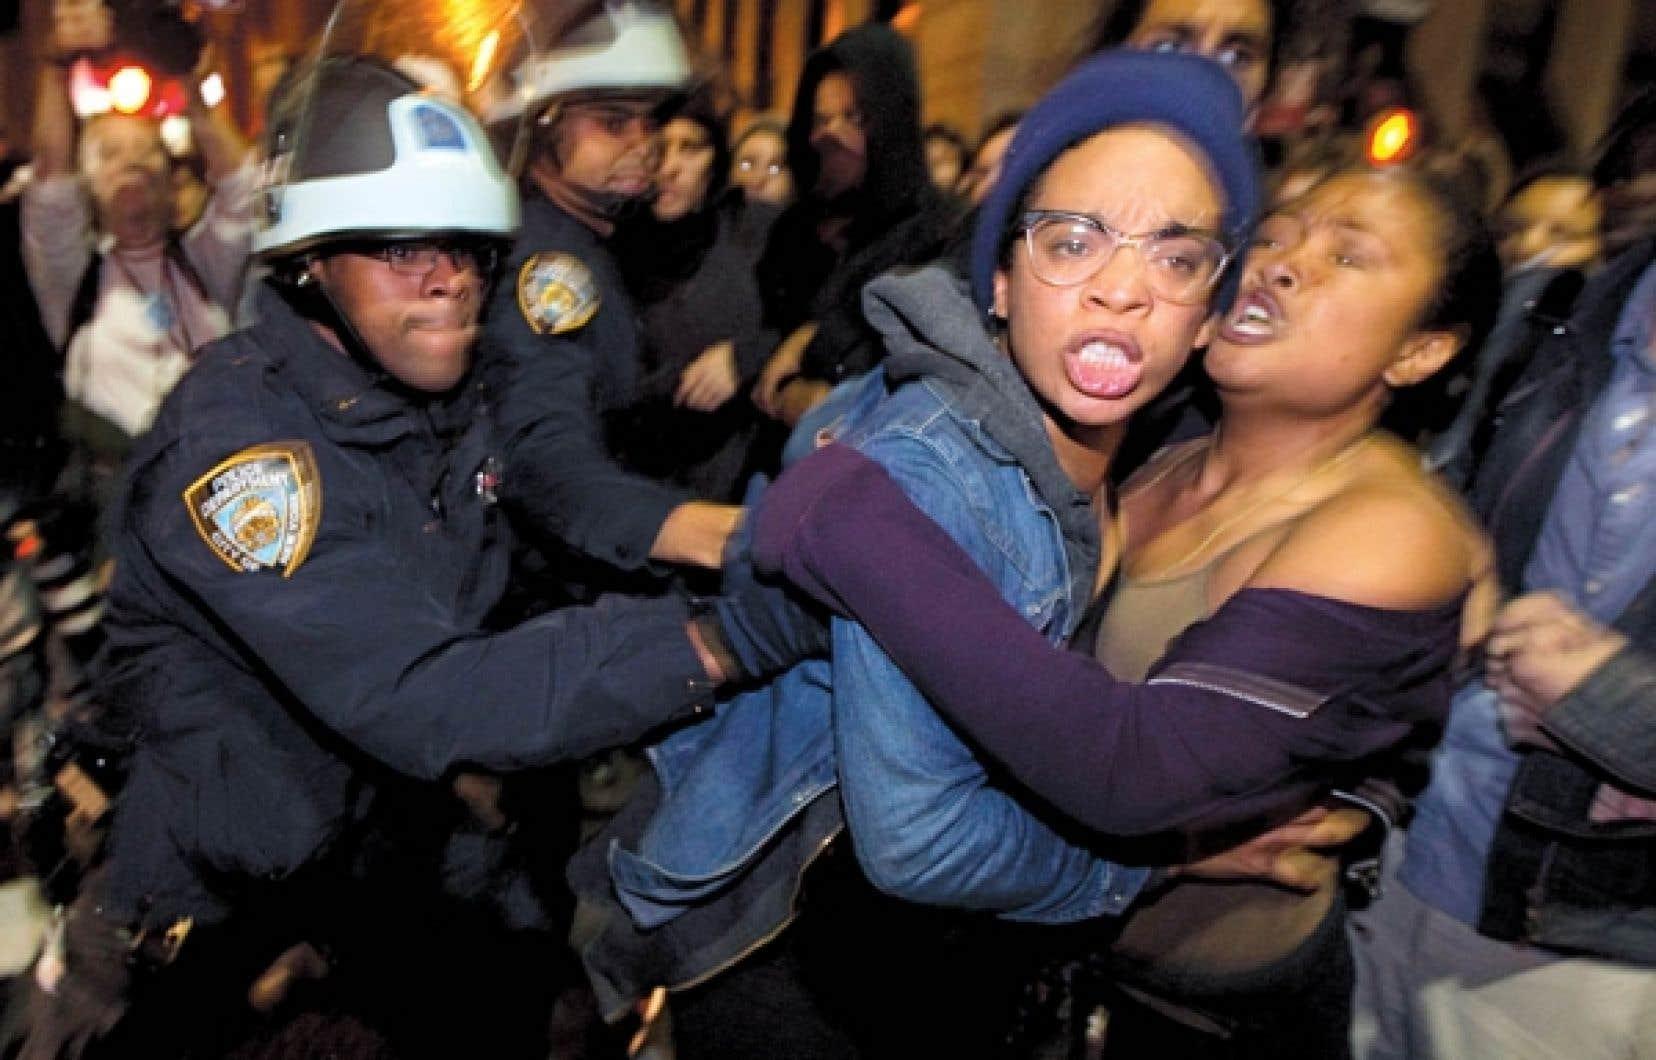 Des policiers new-yorkais bousculent des membres d&rsquo;Occupy Wall Street, au cours du raid-surprise qui s&rsquo;est d&eacute;roul&eacute; hier, au beau milieu de la nuit.<br />